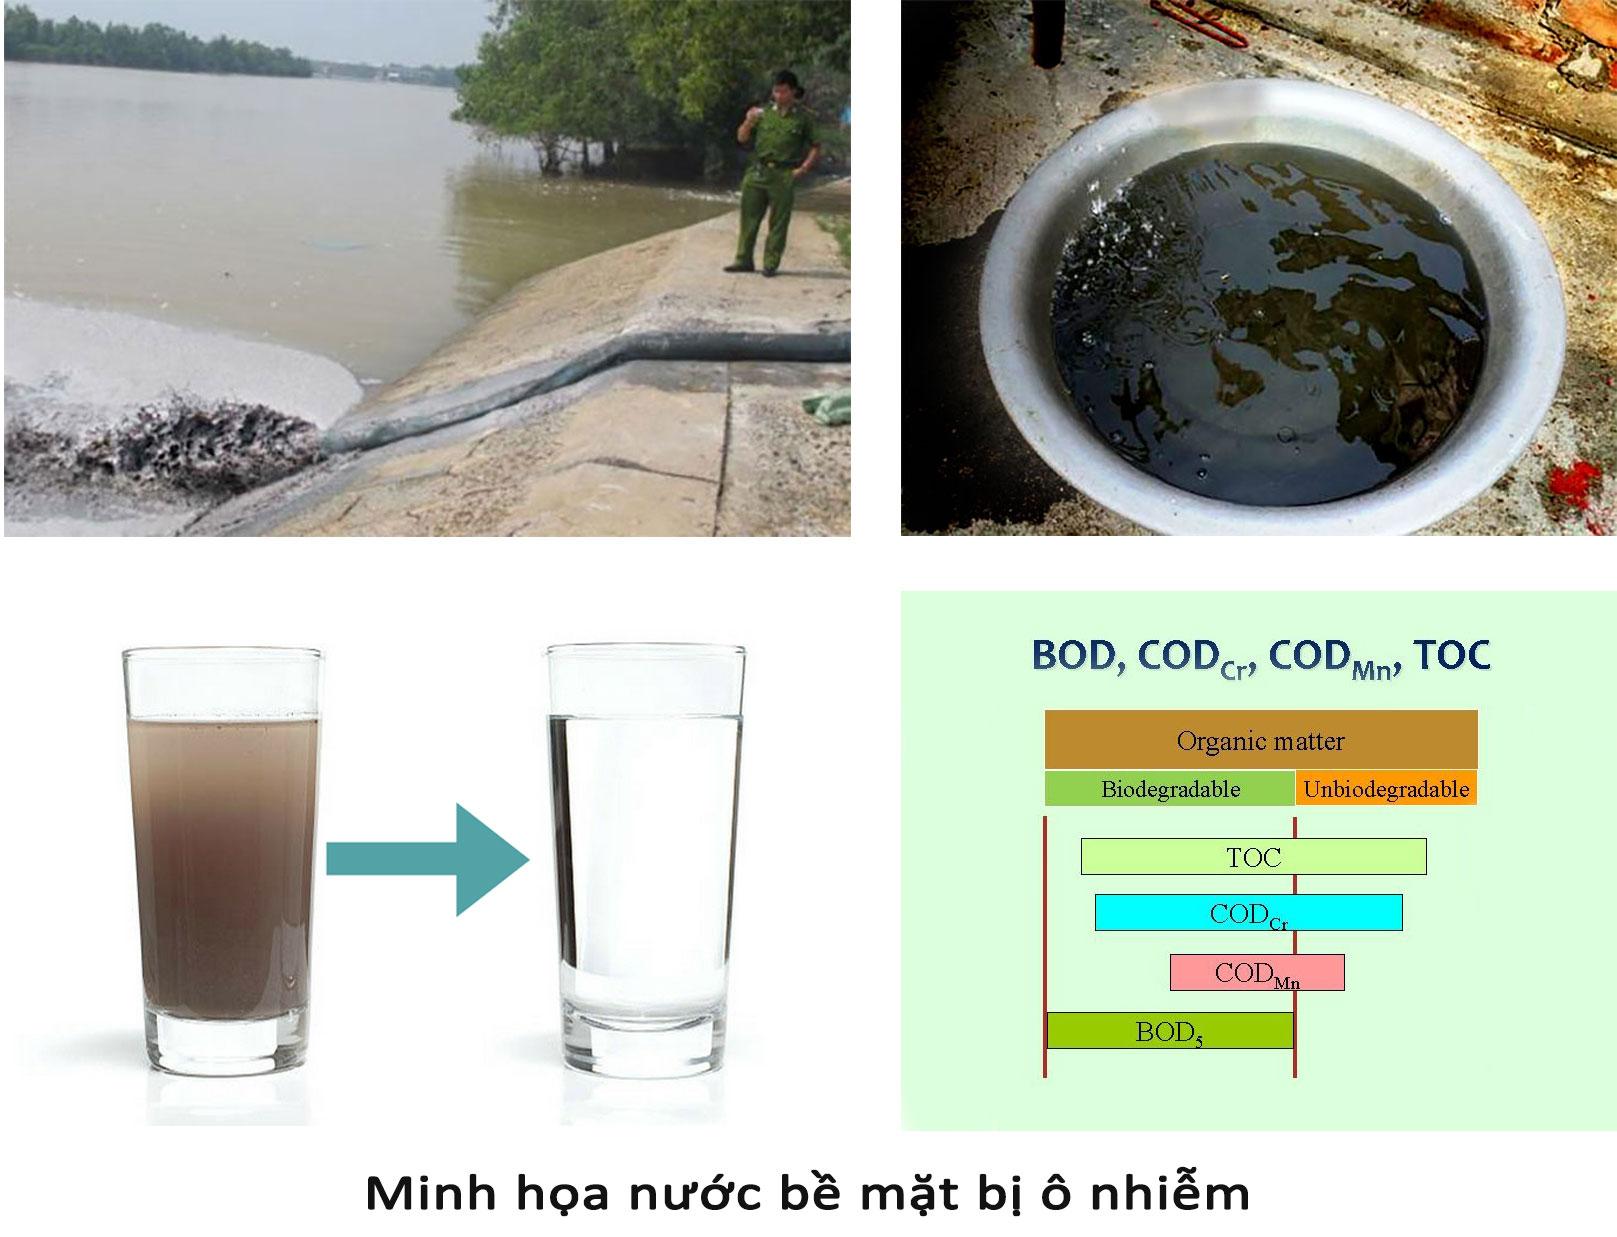 Nước bề mặt bị ô nhiễm